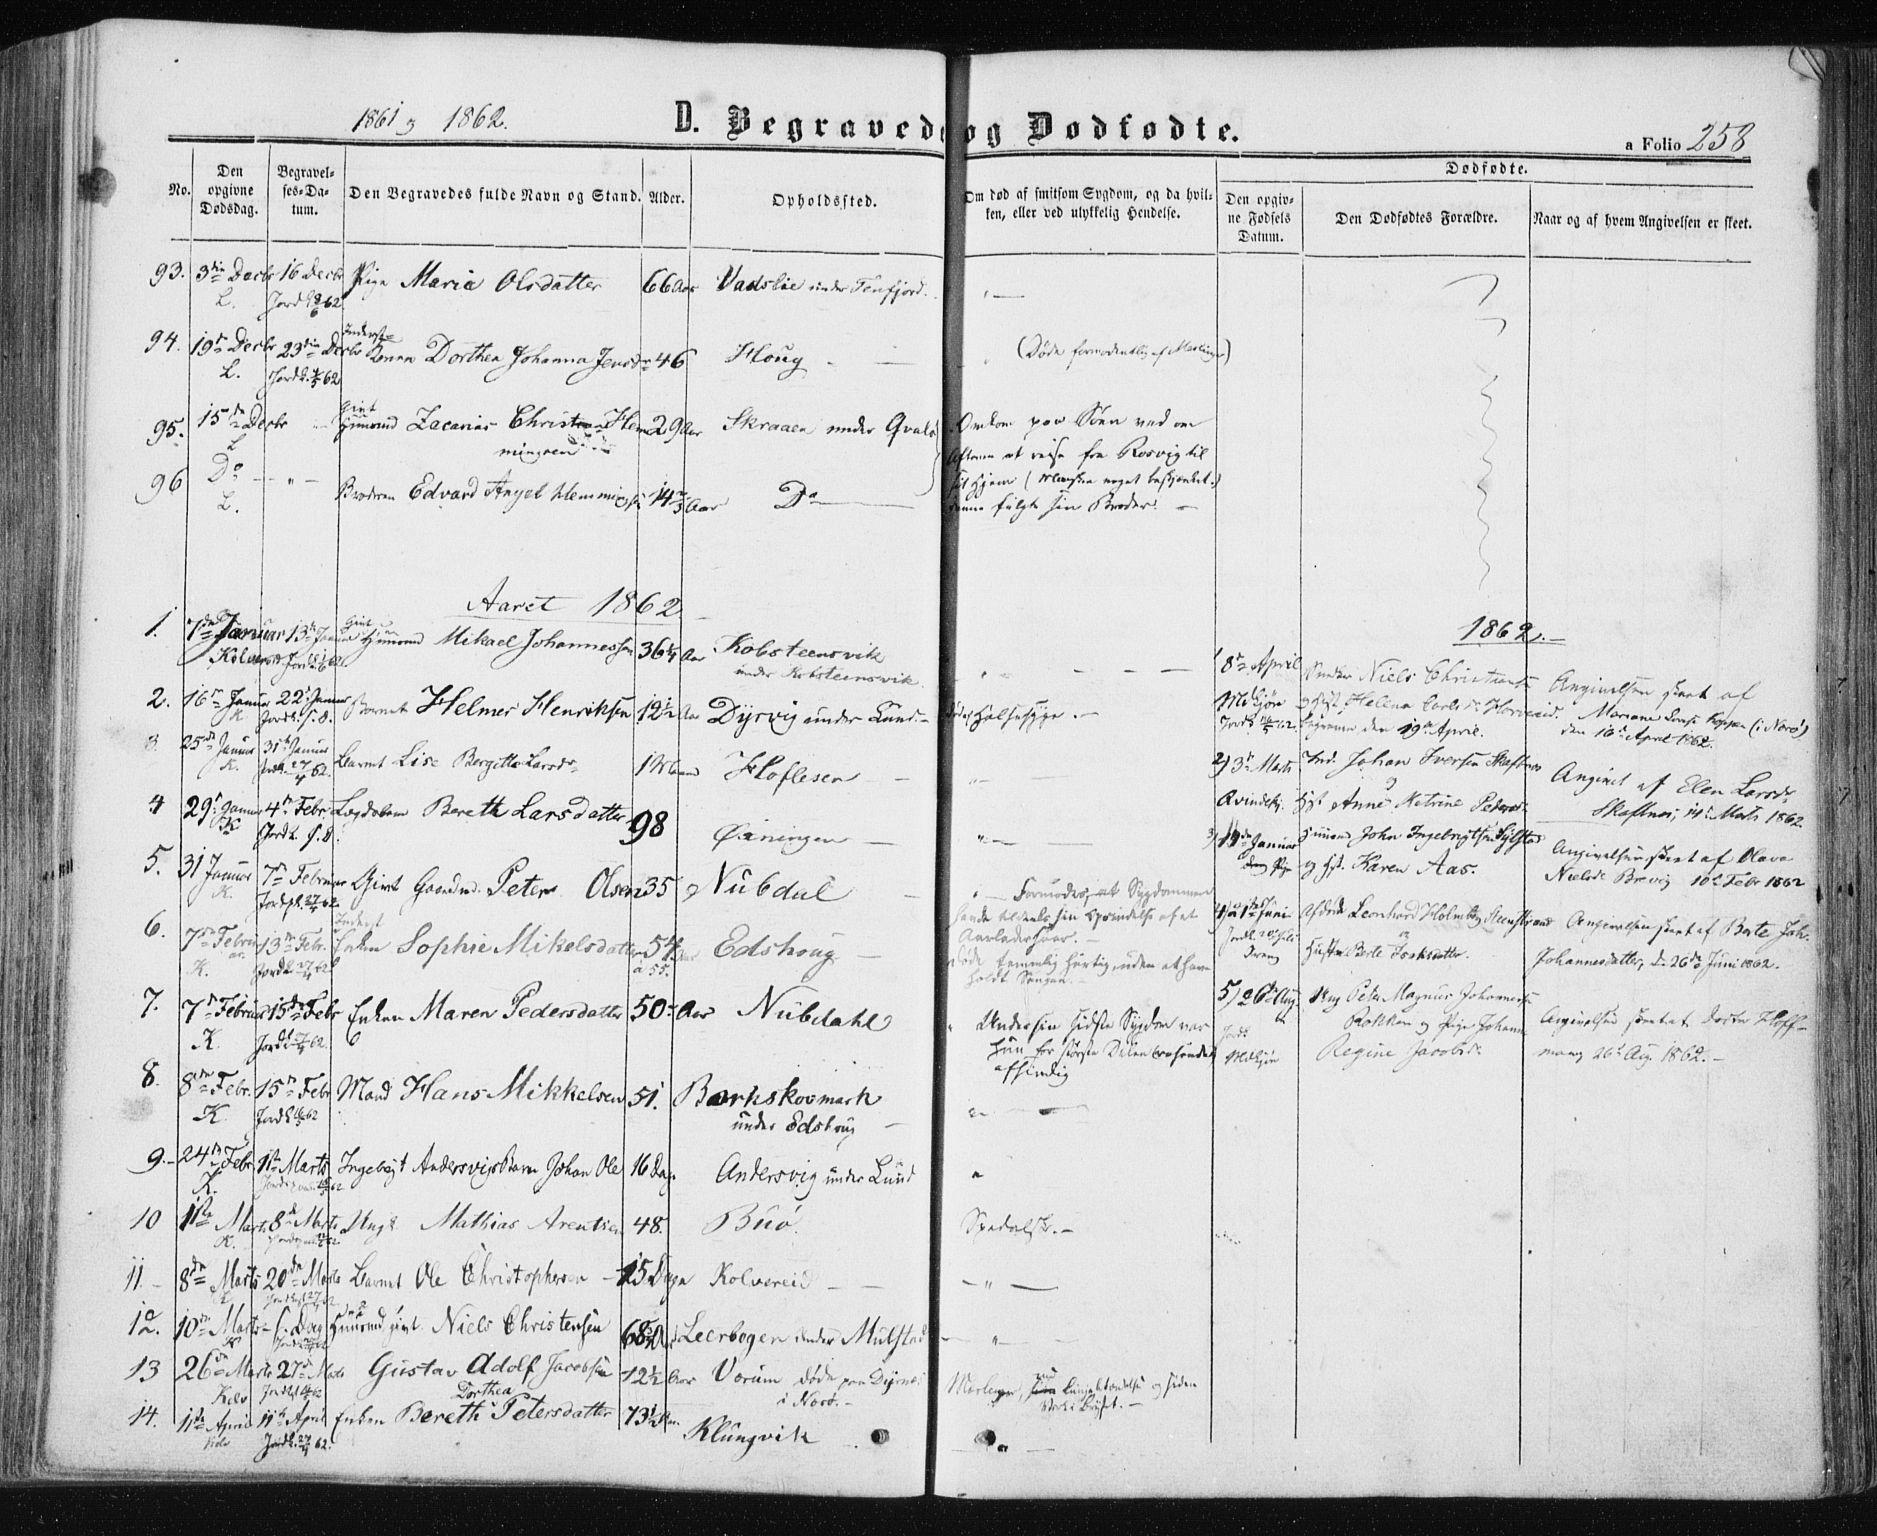 SAT, Ministerialprotokoller, klokkerbøker og fødselsregistre - Nord-Trøndelag, 780/L0641: Ministerialbok nr. 780A06, 1857-1874, s. 258